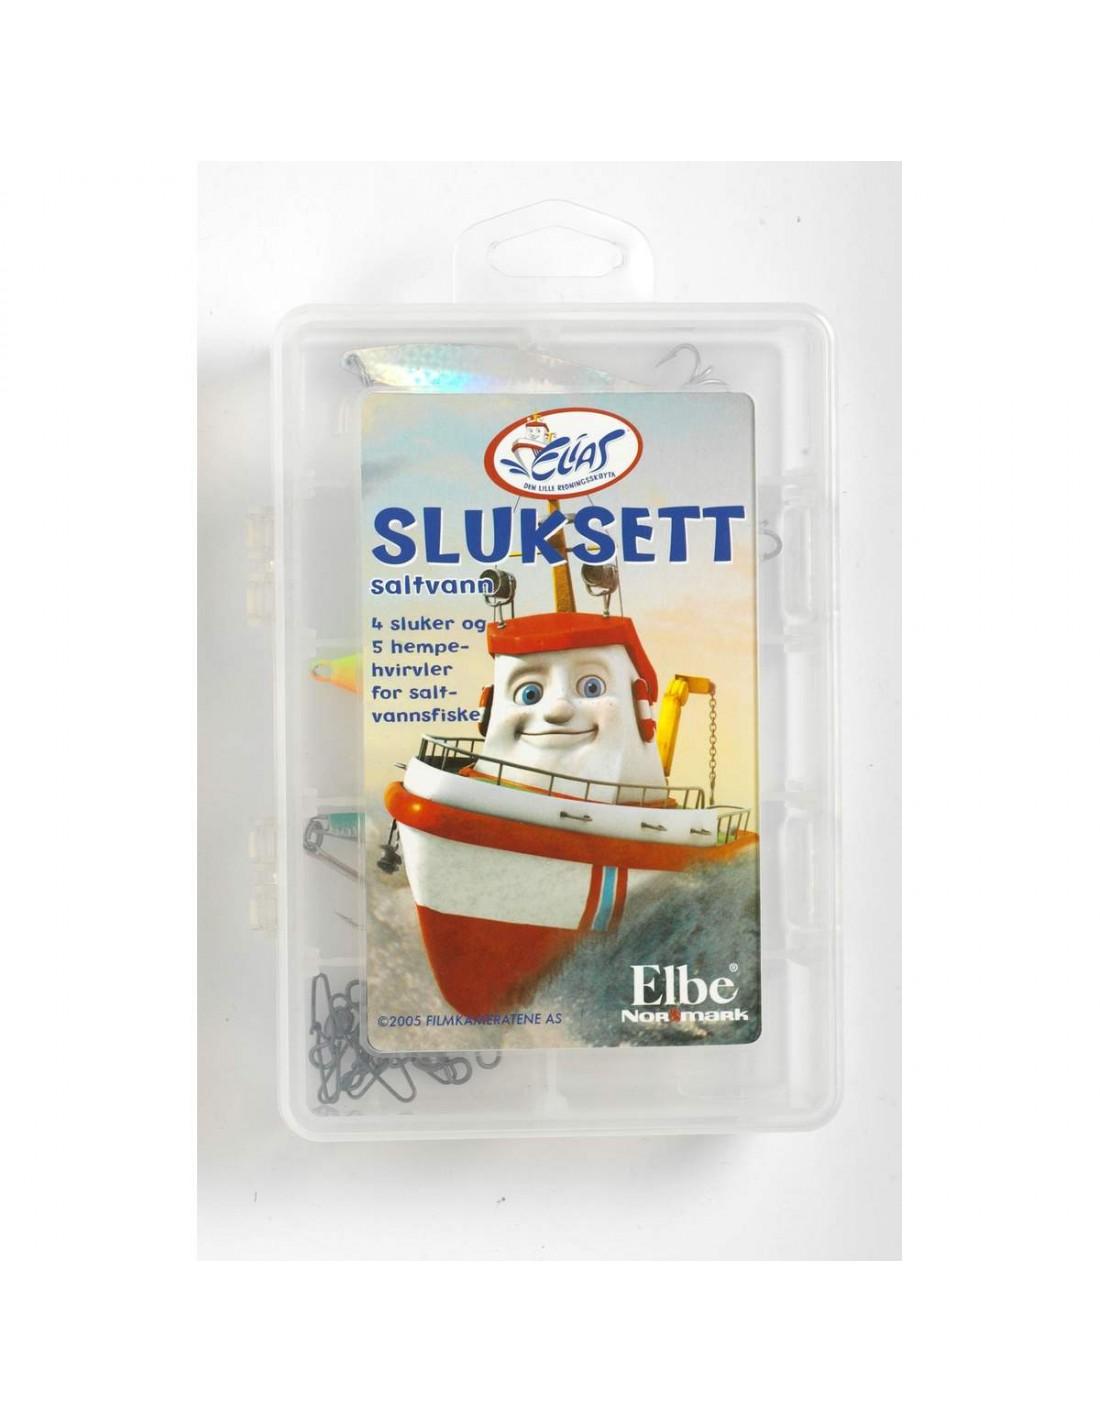 Sett/Pakker Elias Sluksett Saltvann 9 deler 189205 199 kr